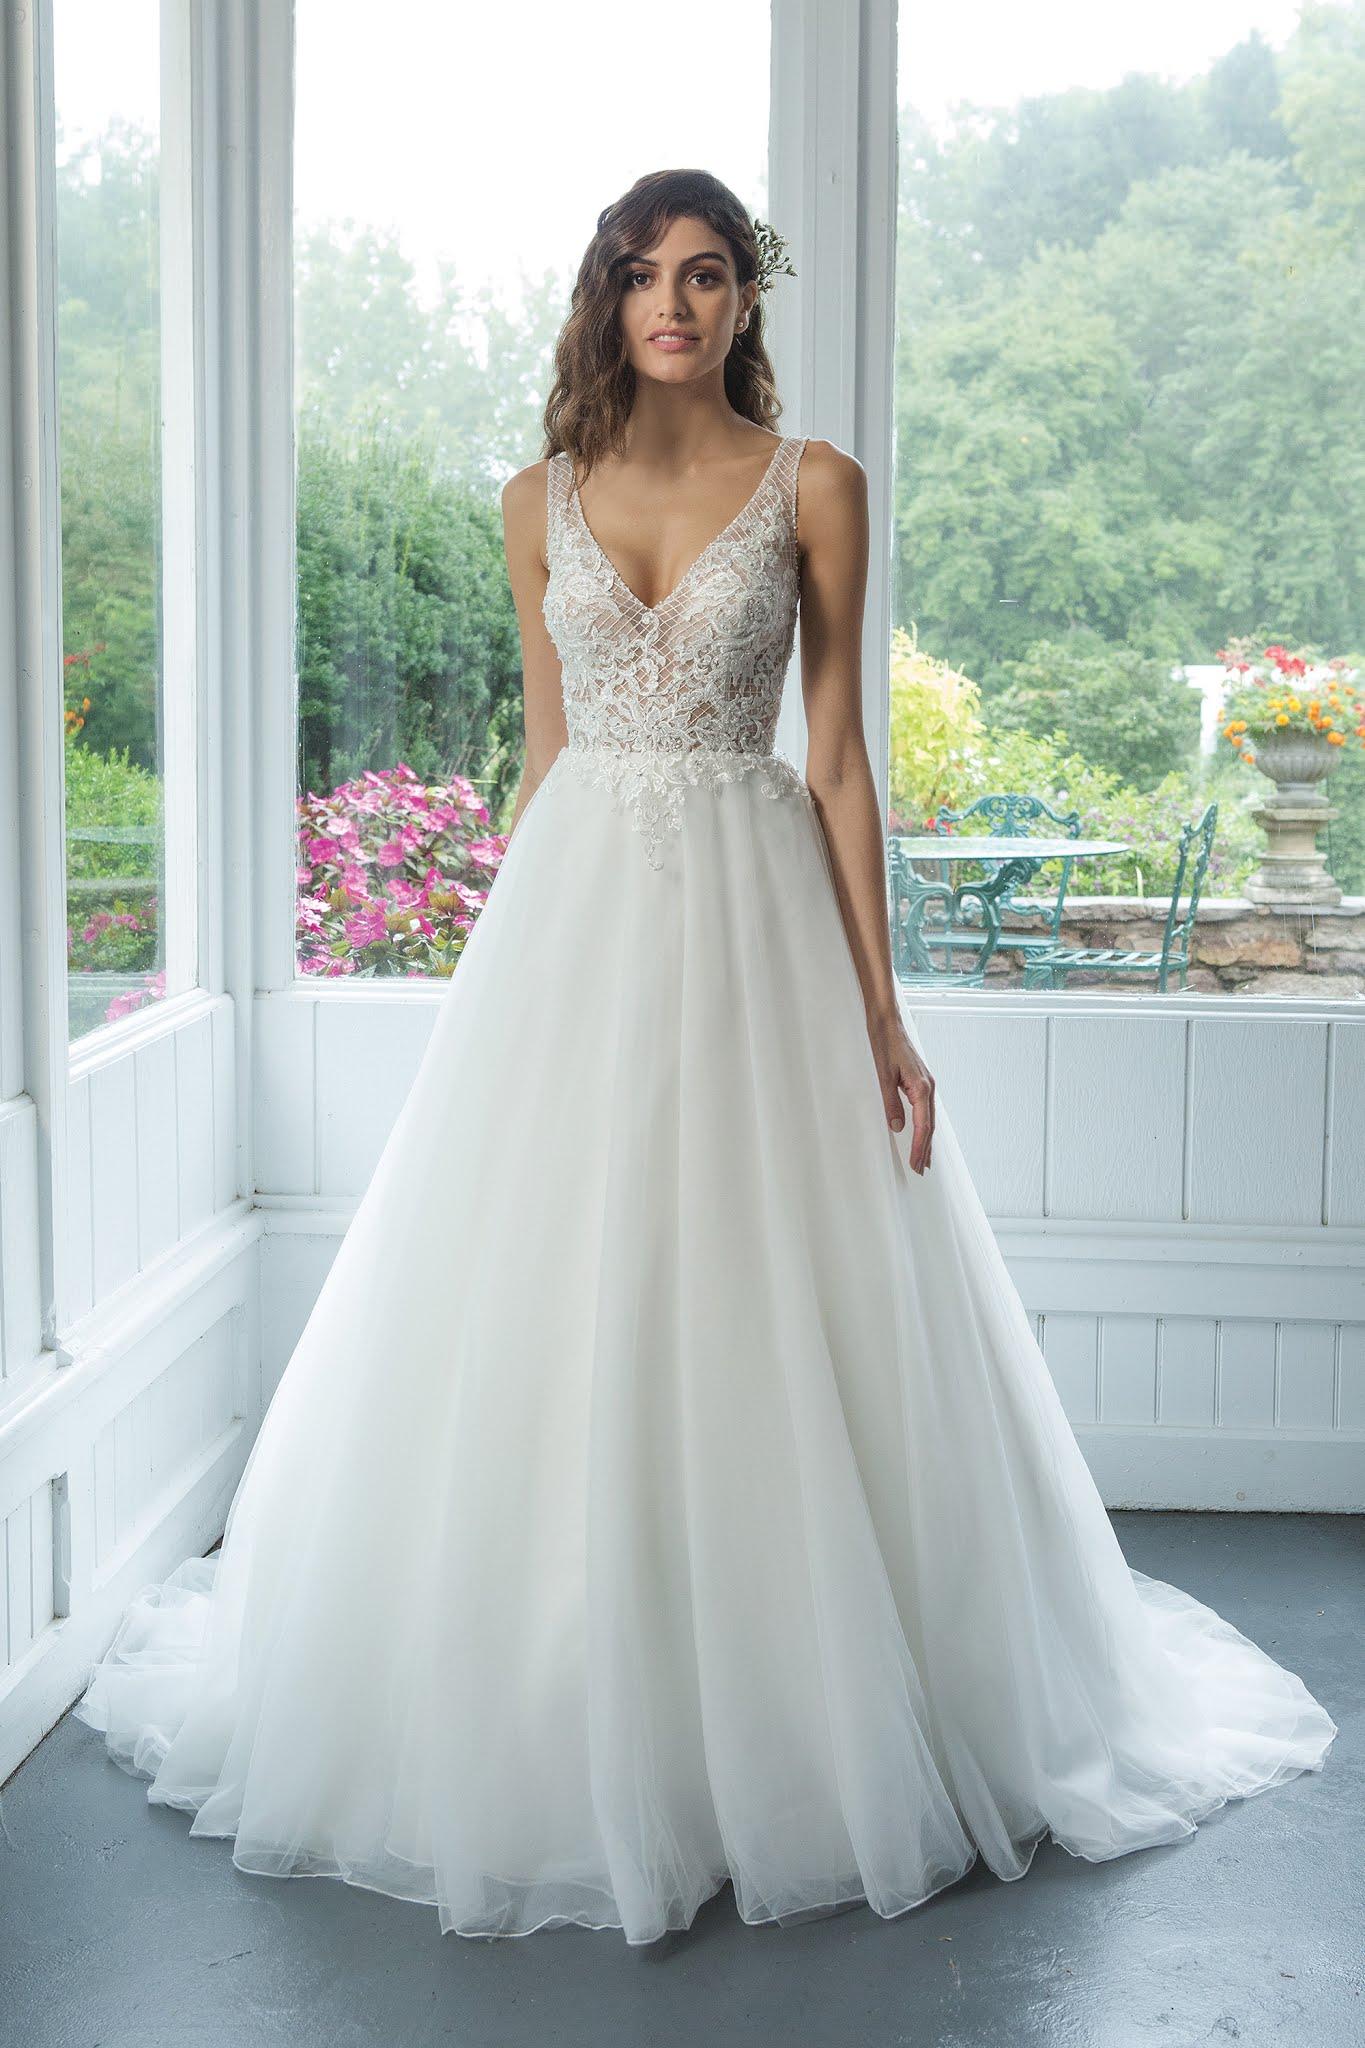 Craque pour... cette robe princesse ! 👑 2